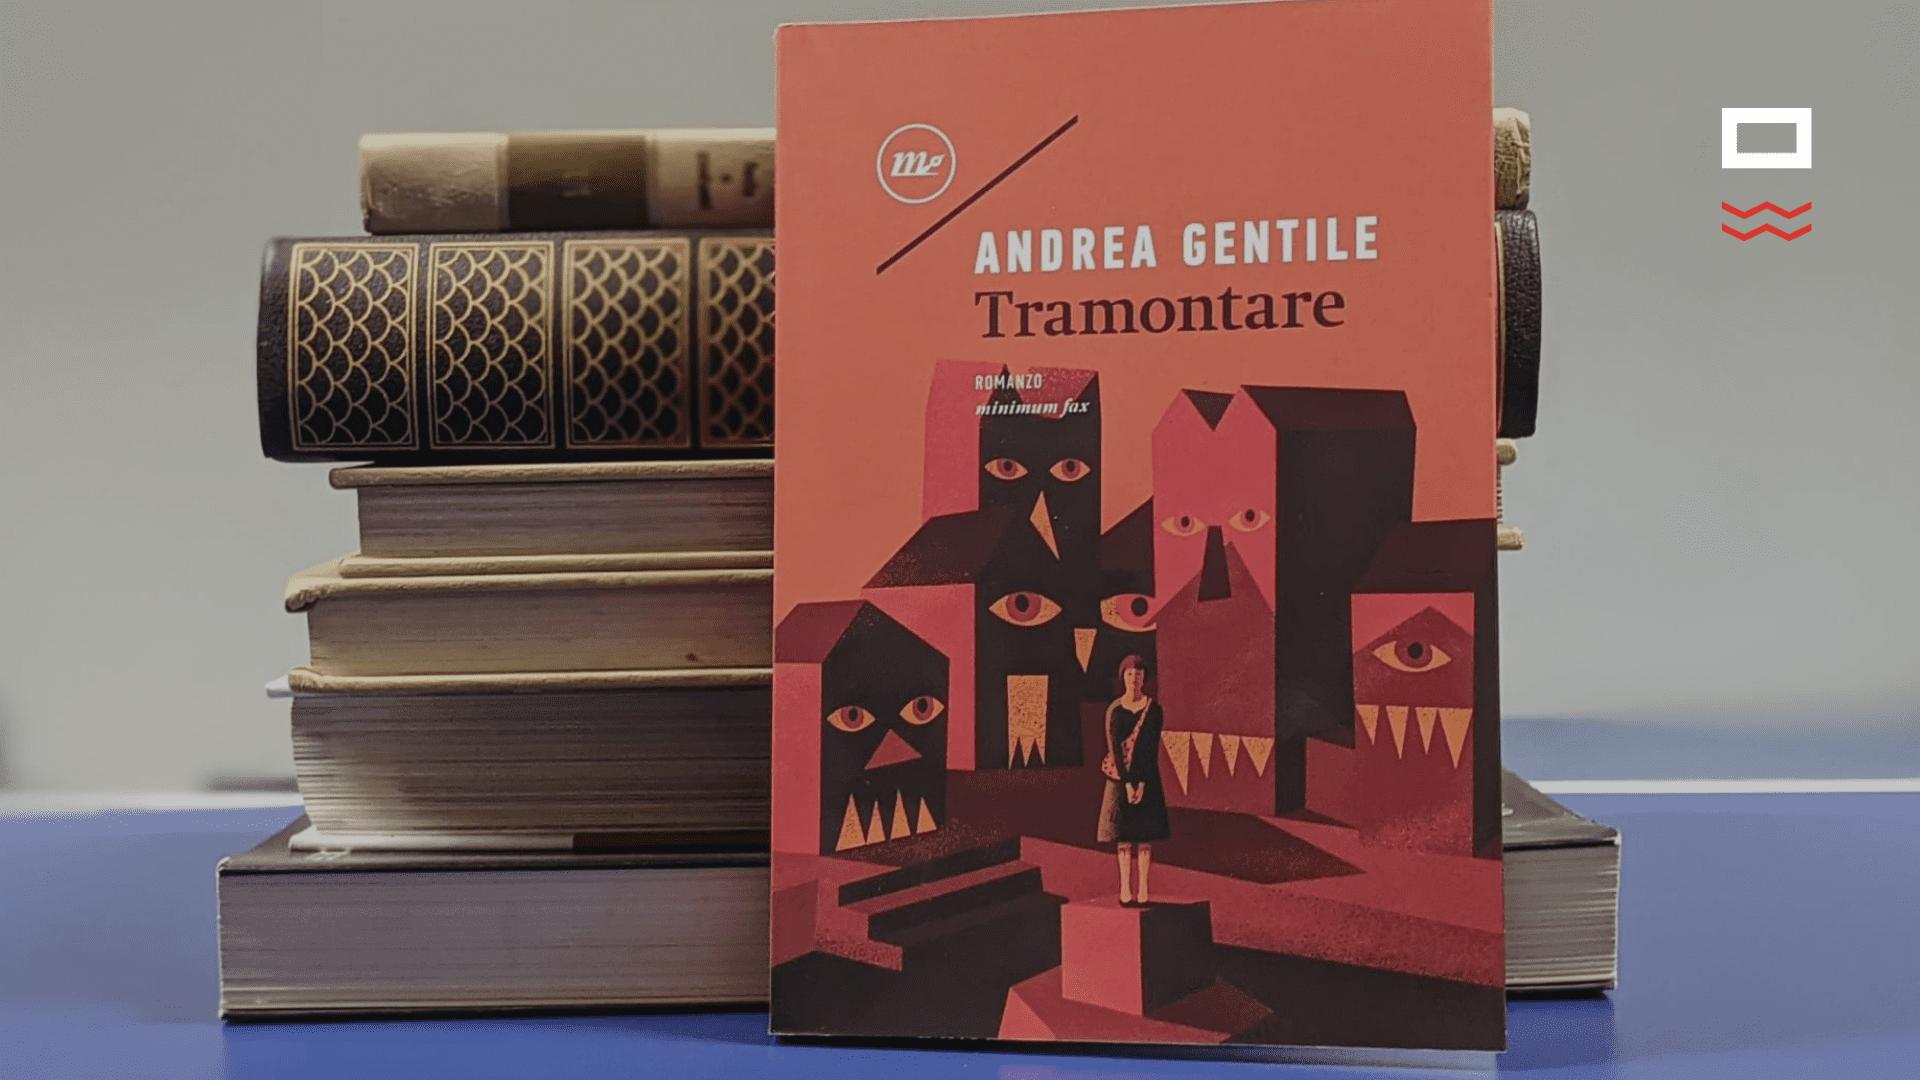 Tramontare di Andrea Gentile